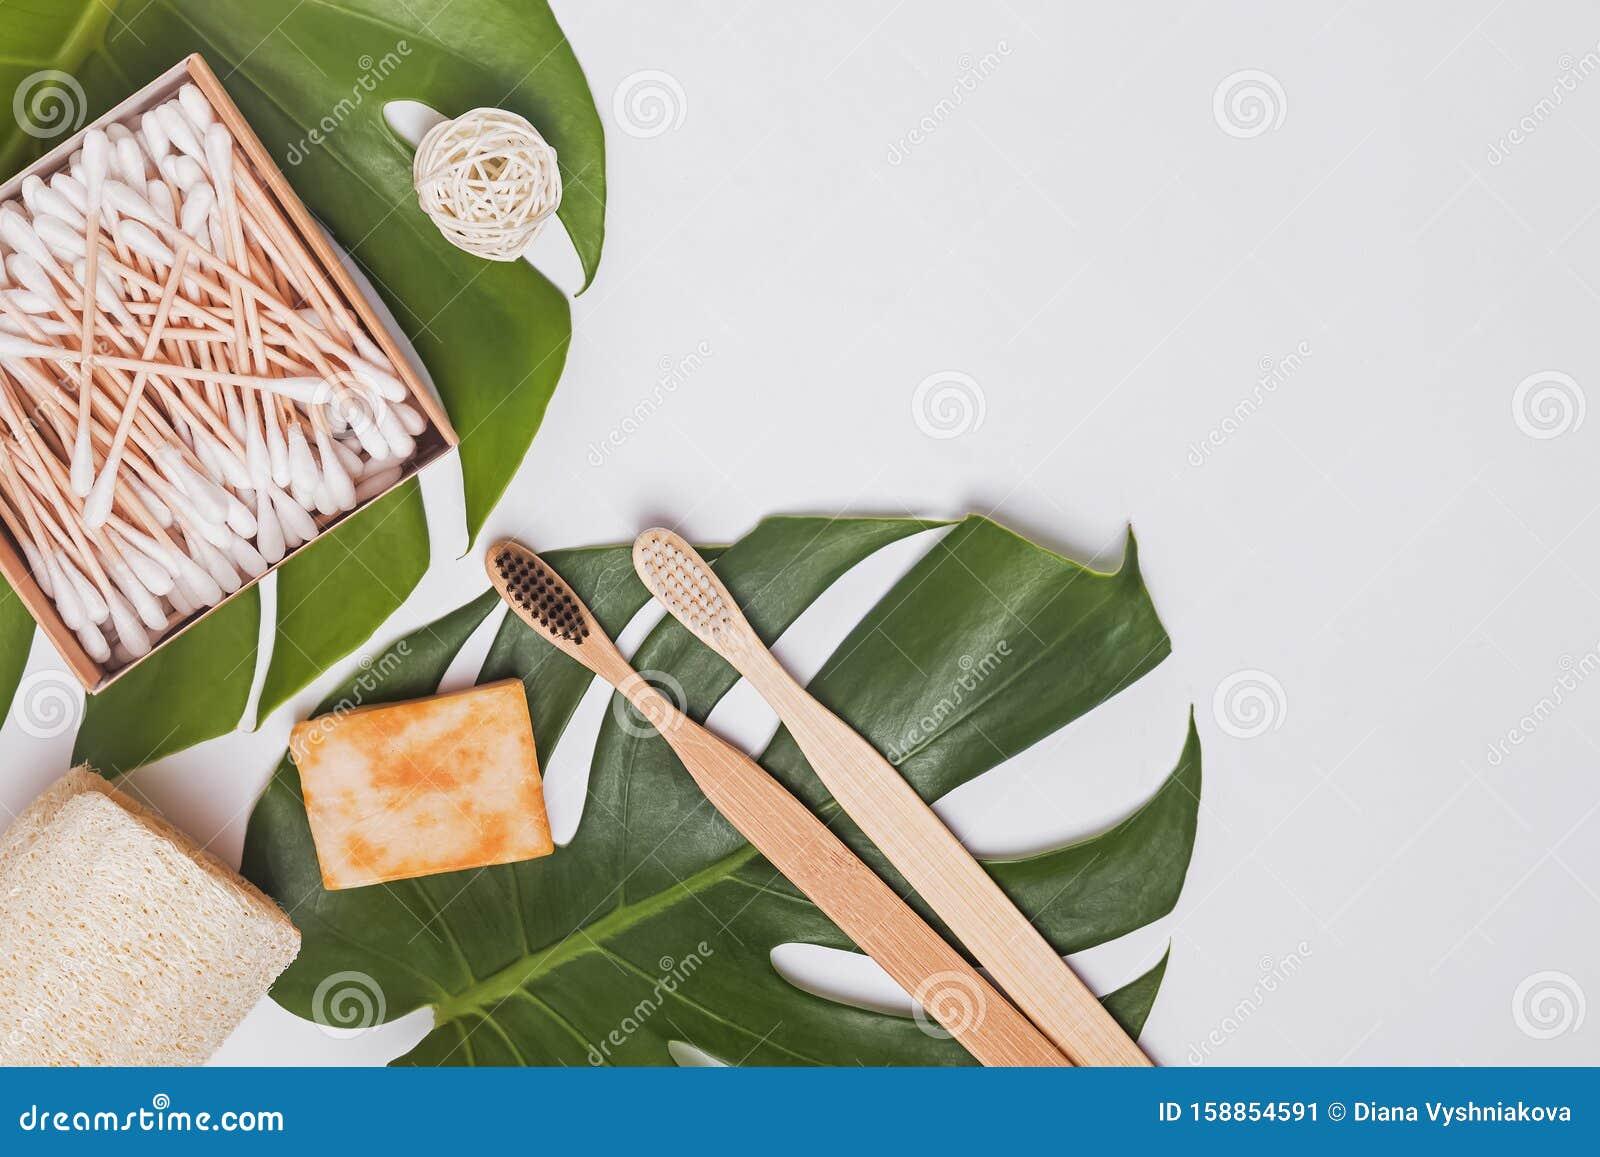 zero waste bathroom essentials top voew bamboo tooth